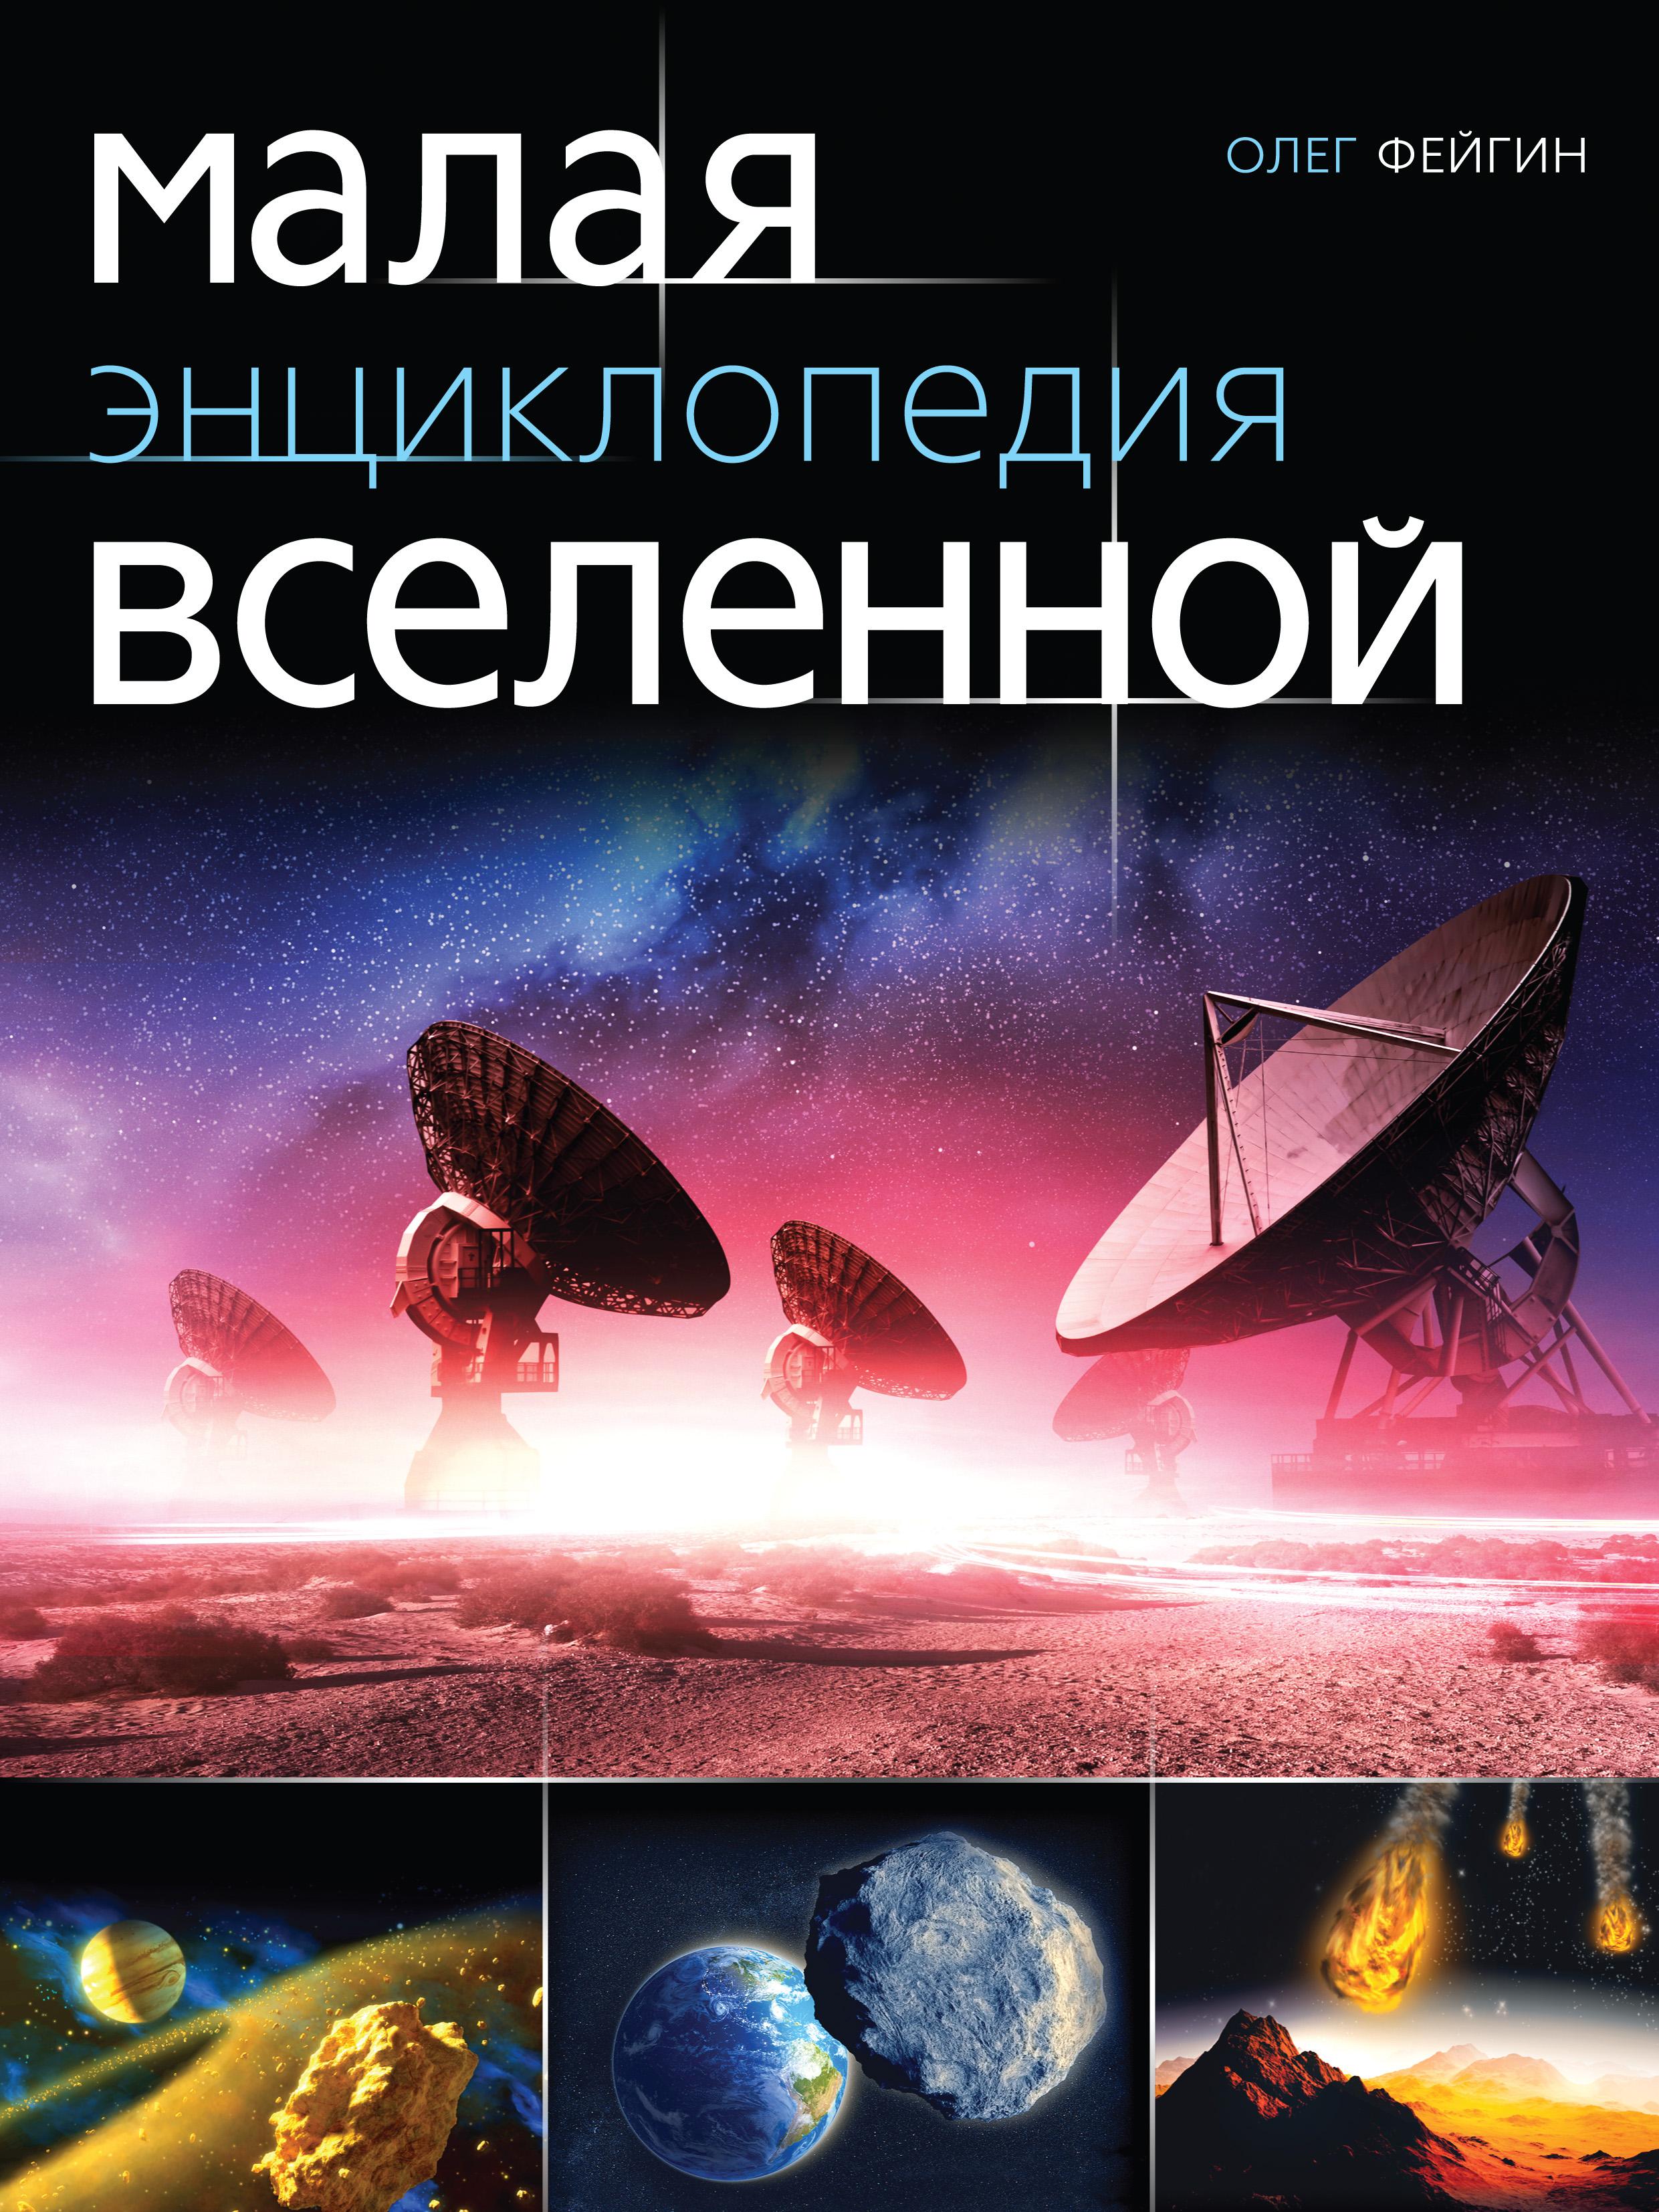 Олег Фейгин Малая энциклопедия Вселенной